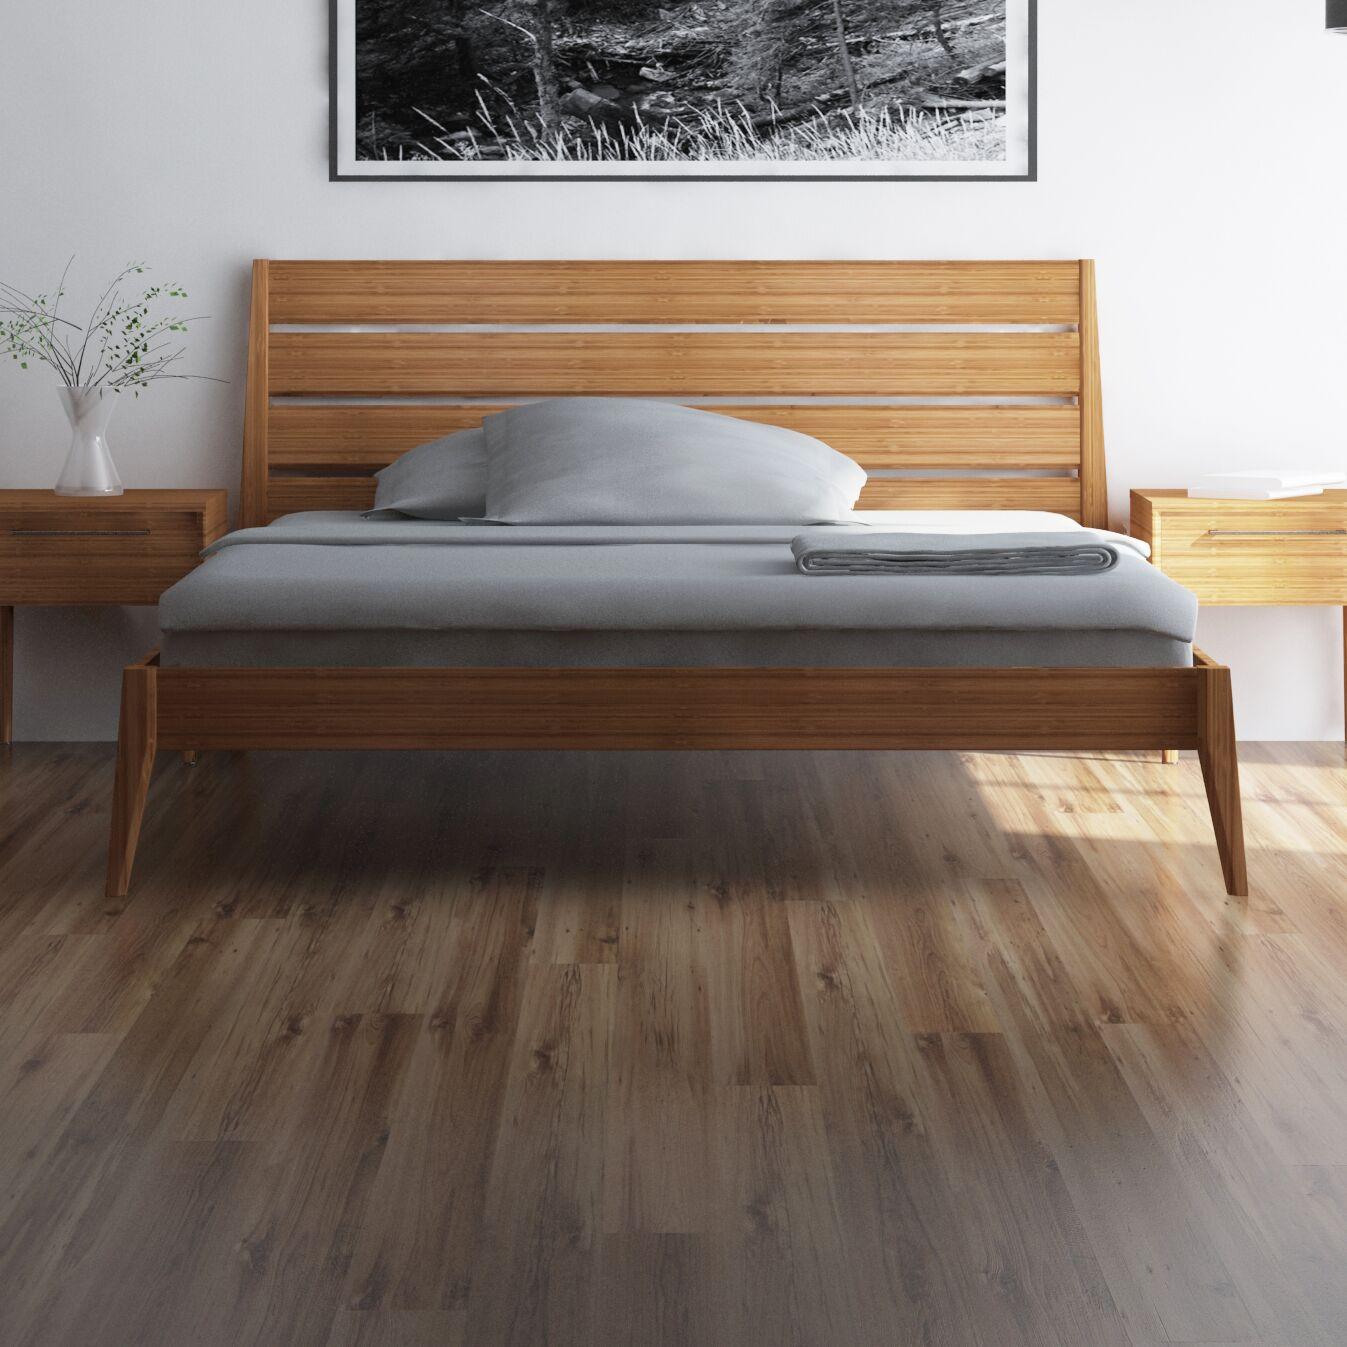 Sienna Platform Bed Size: King, Color: Caramelized